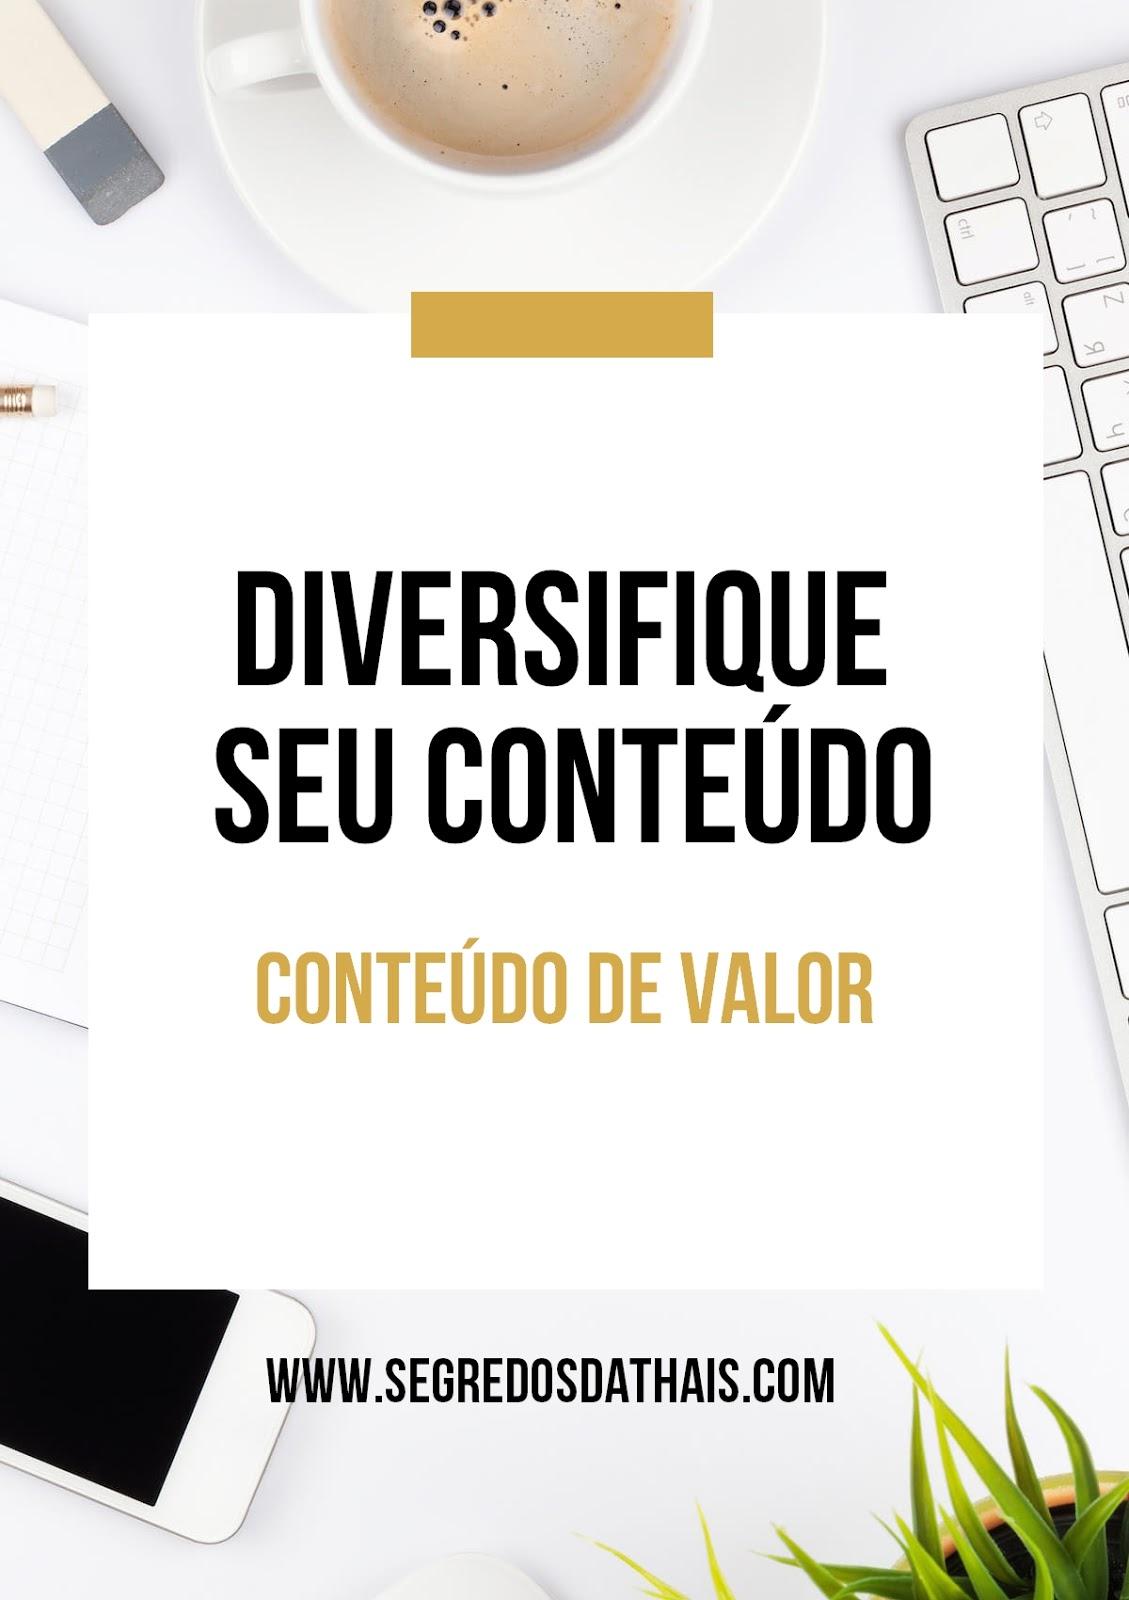 Diversifique seu Conteúdo | Conteúdo de Valor